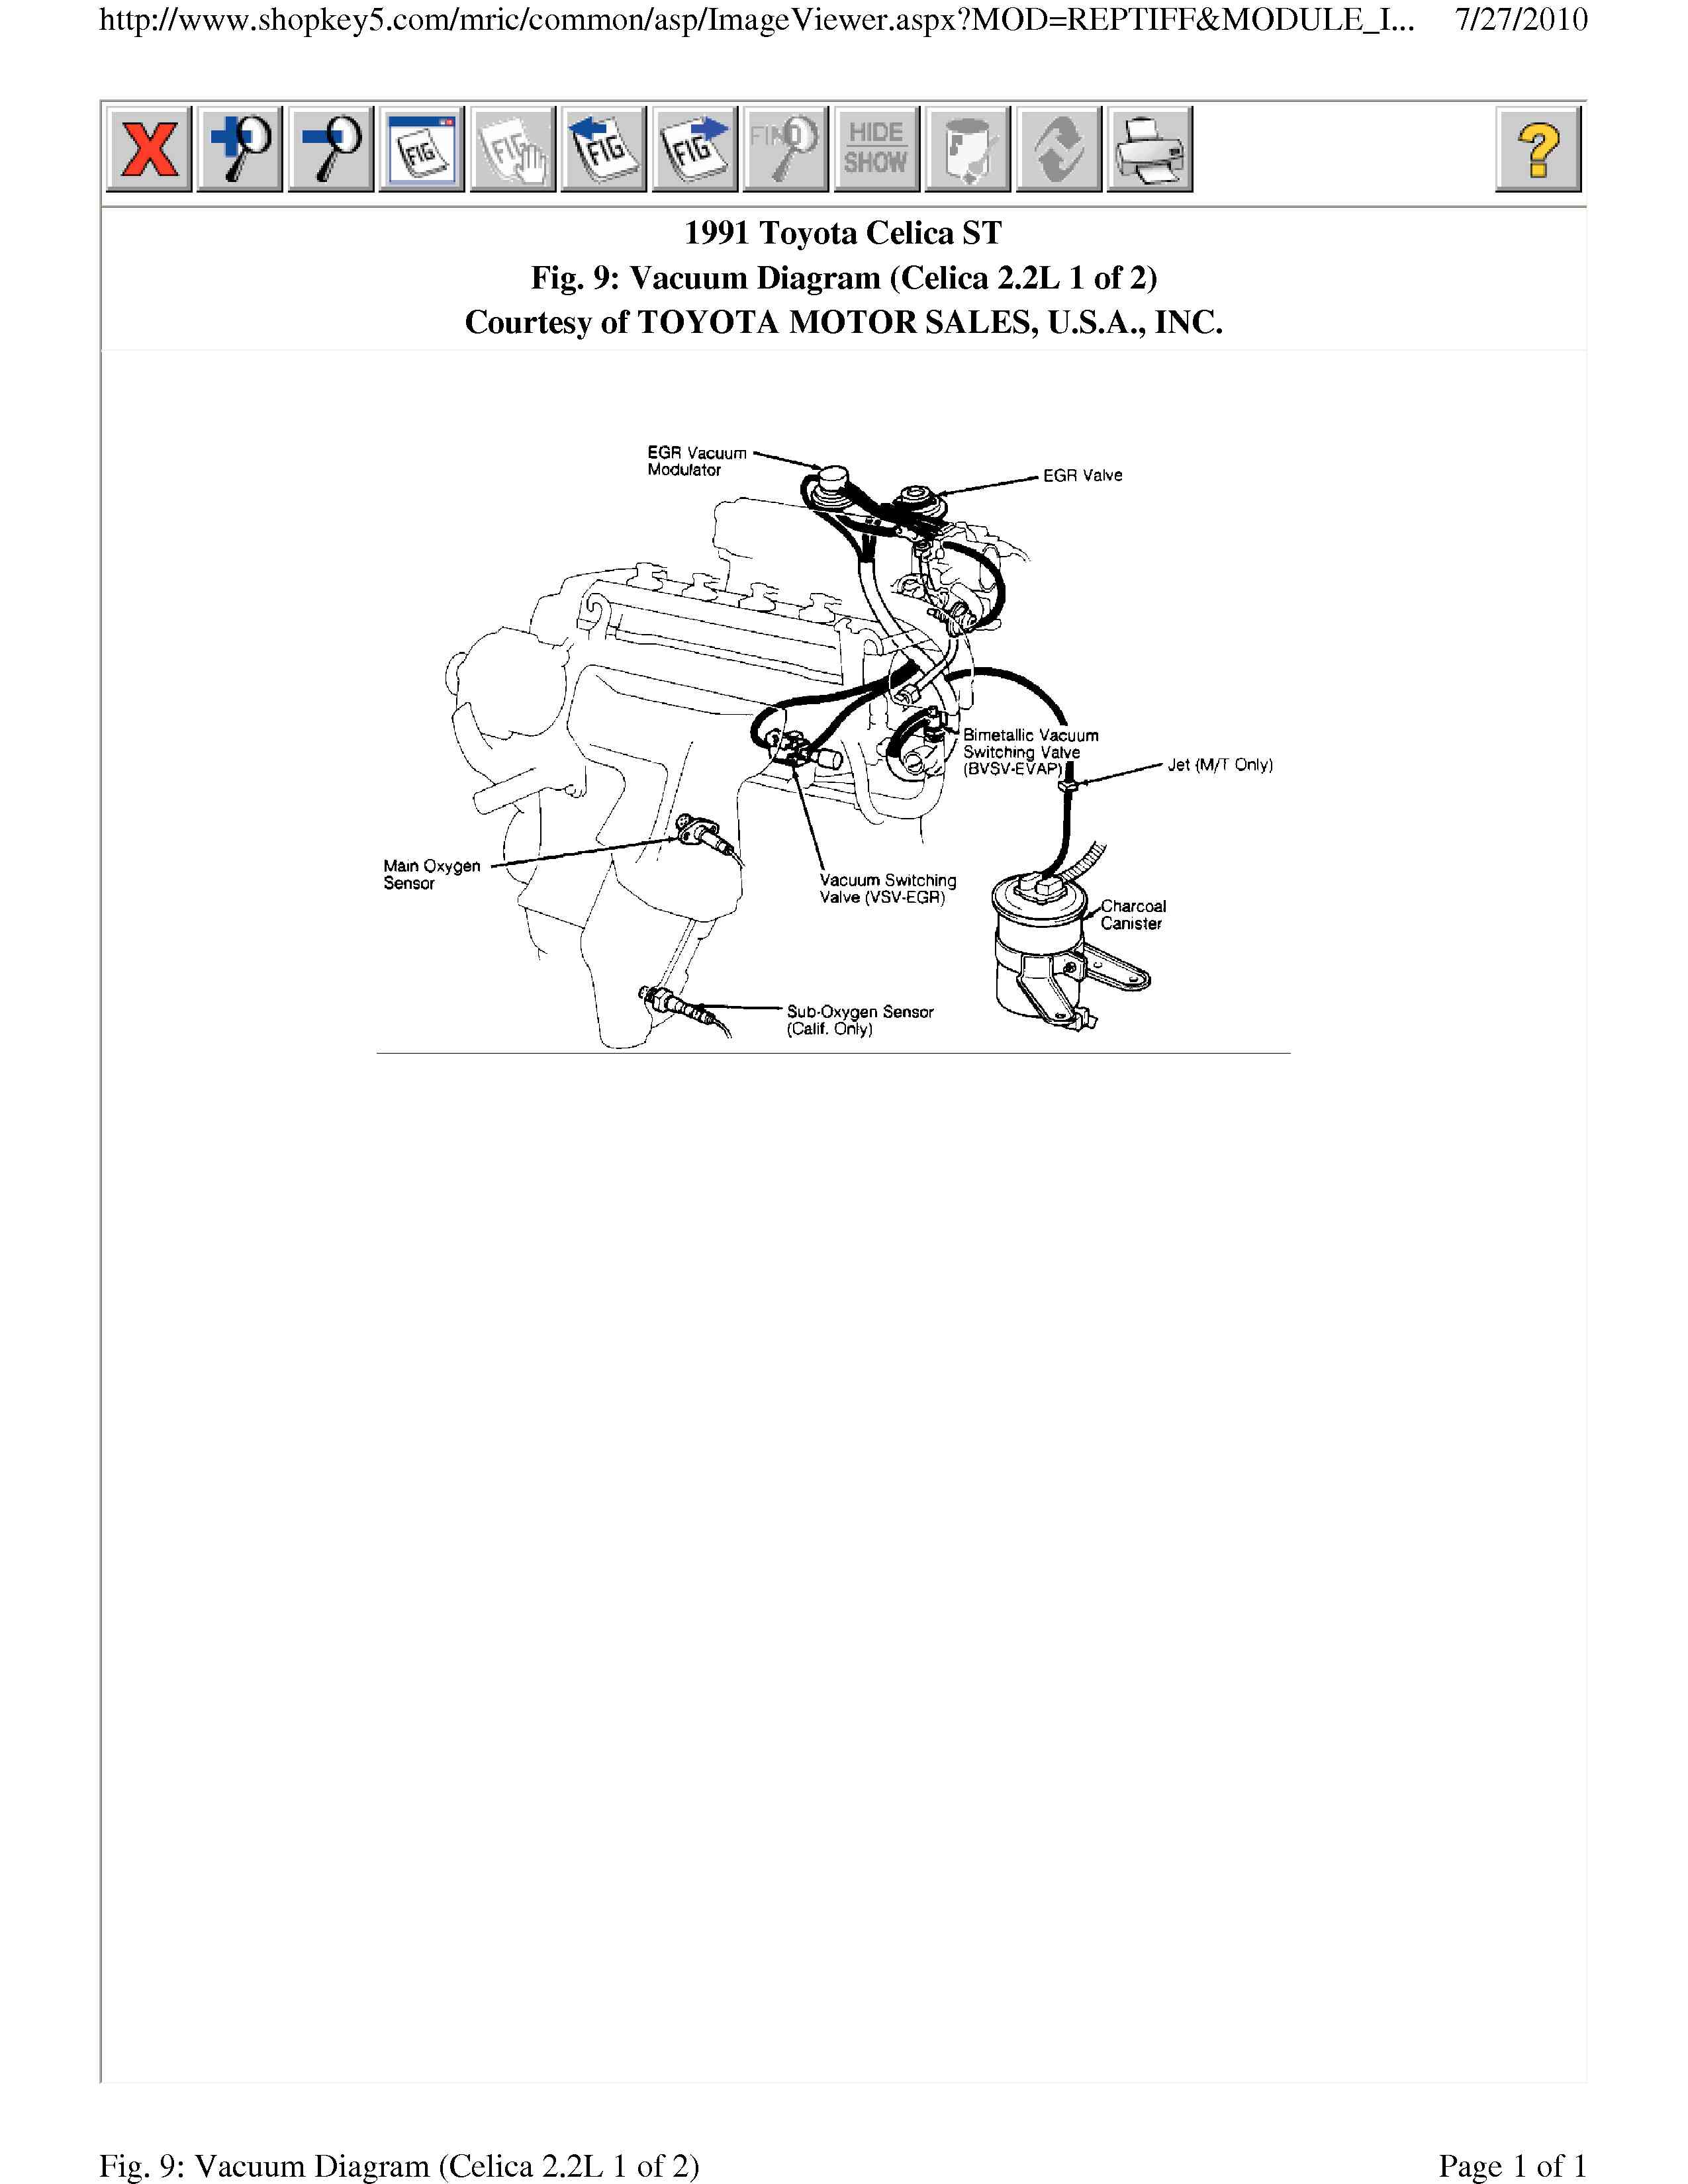 1991 Toyota Celica Vacuum Diagram Schematic Diagrams 1993 Engine 93 Data Wiring U2022 Gt Four